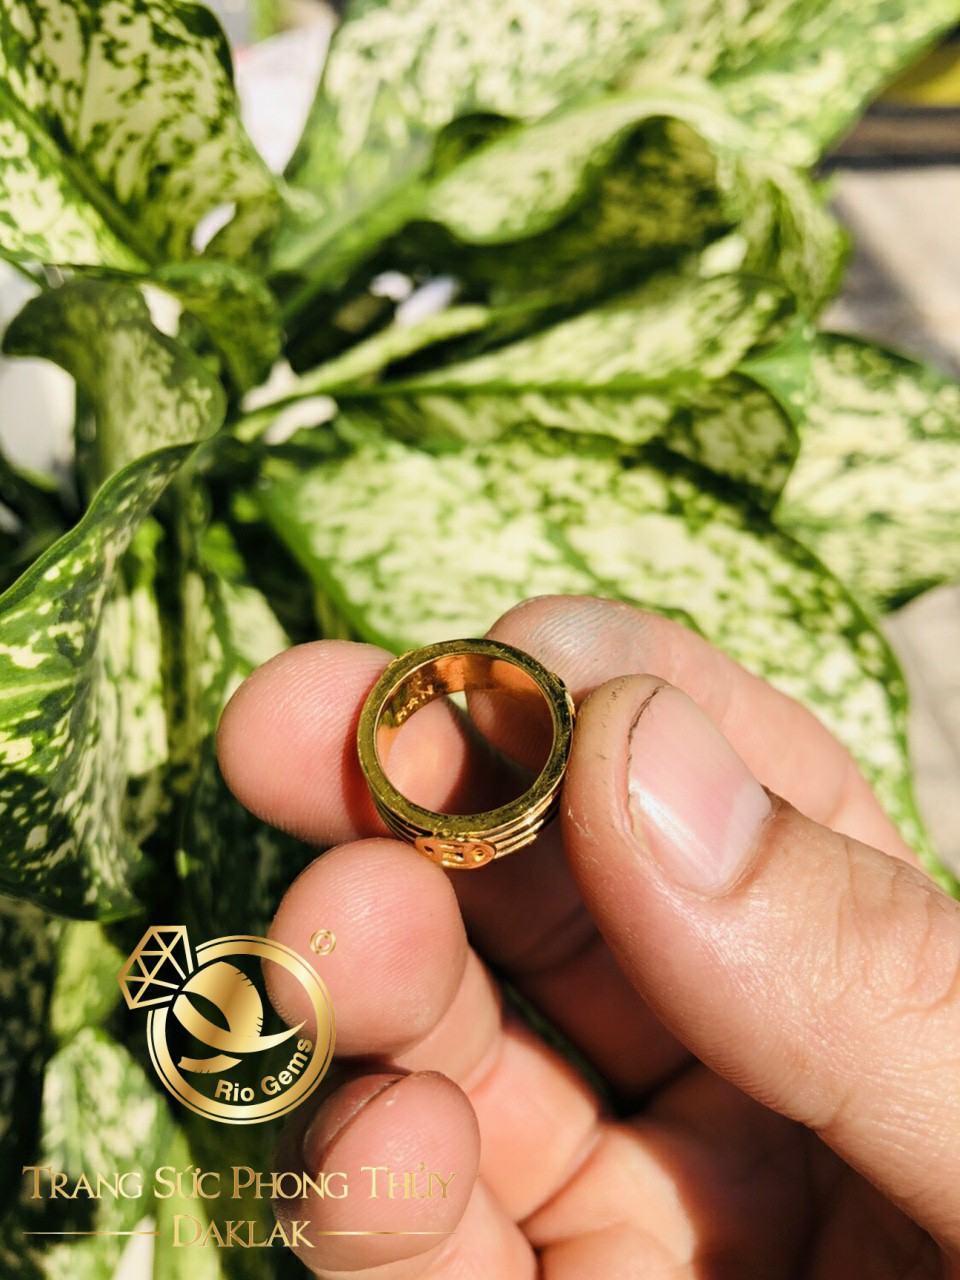 Nhẫn lông voi vàng tài lộc đồng tiền Riogems